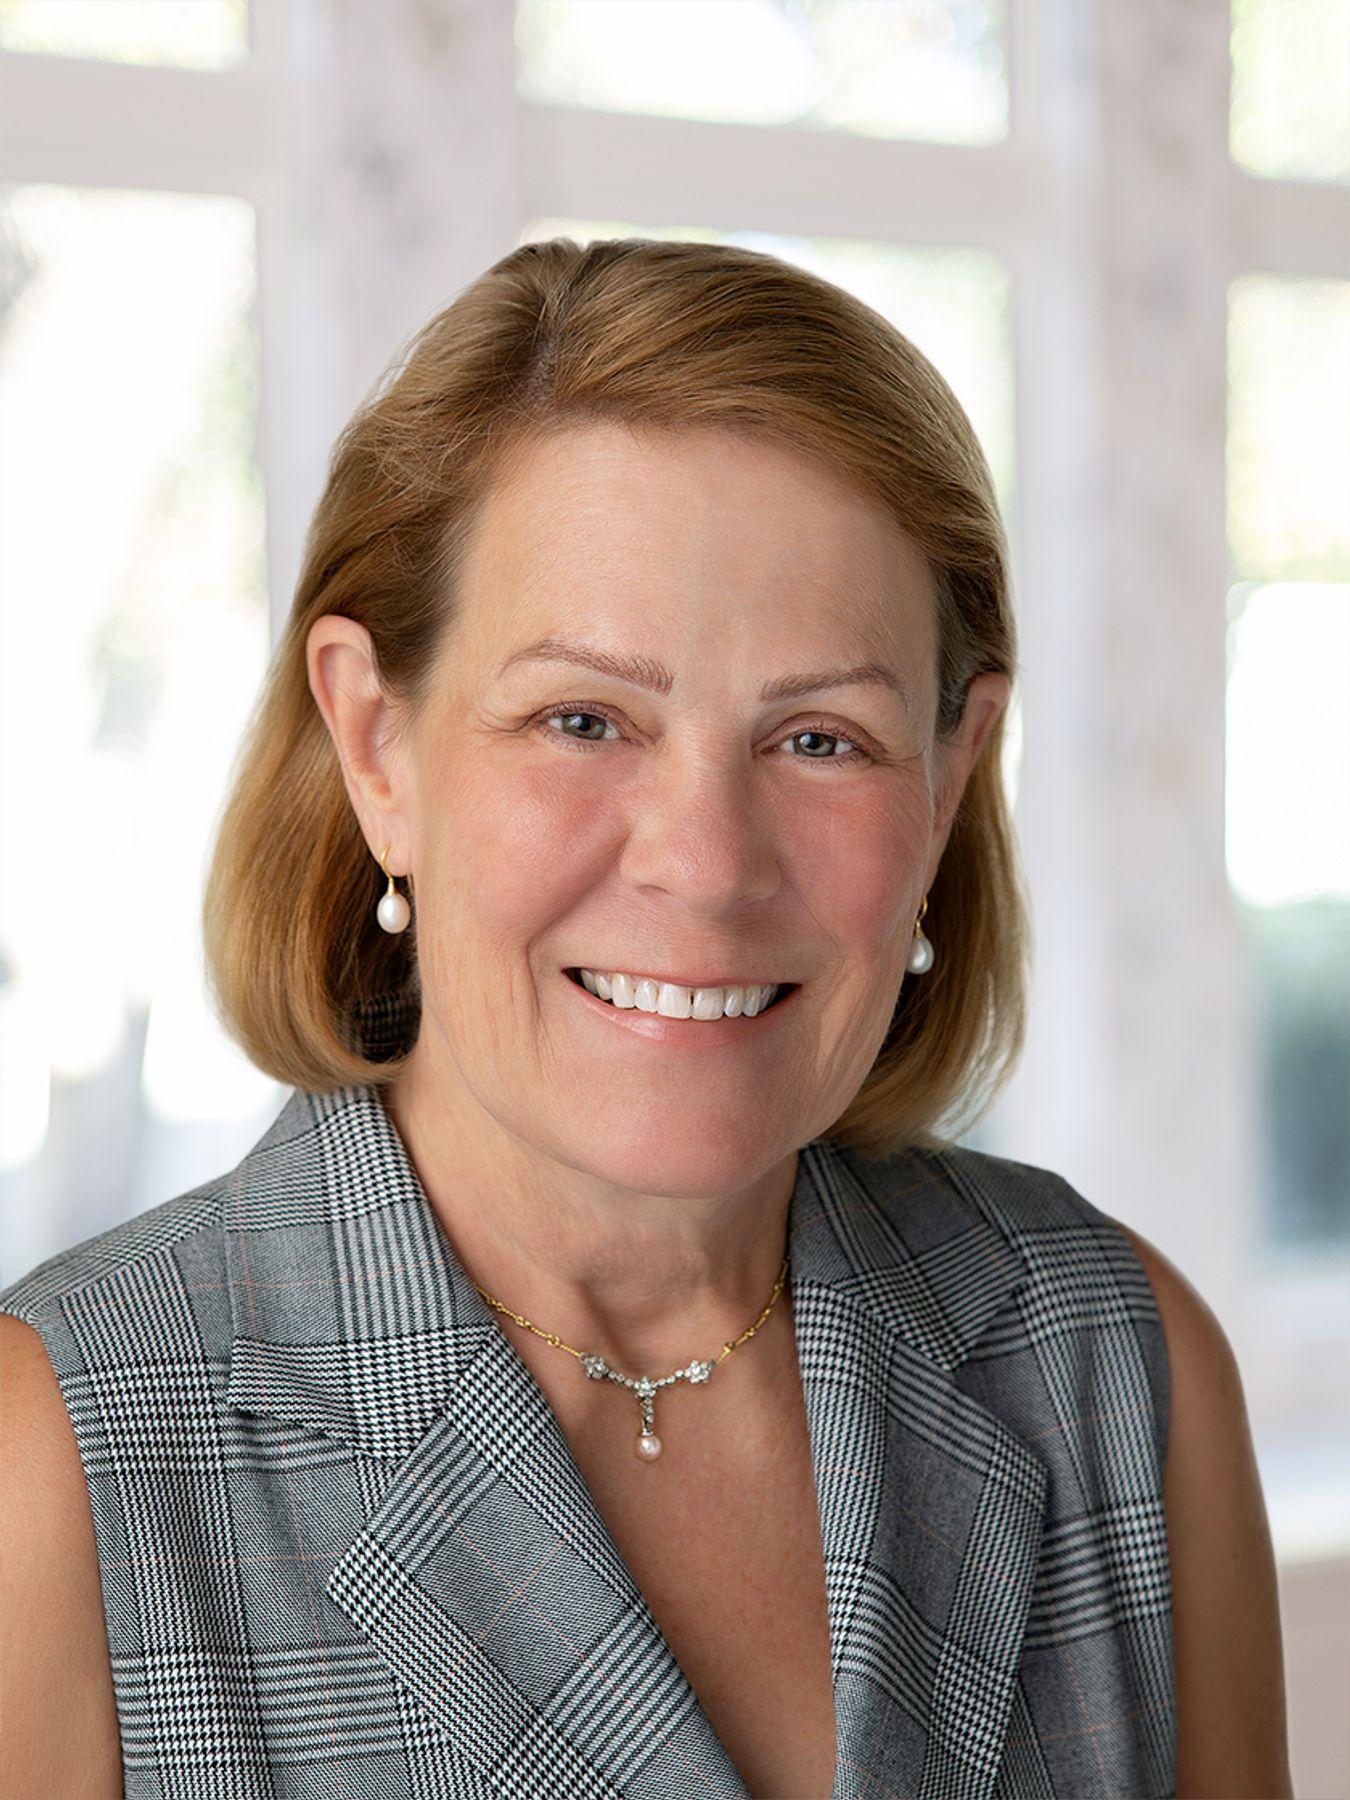 Estelle M Lozmack